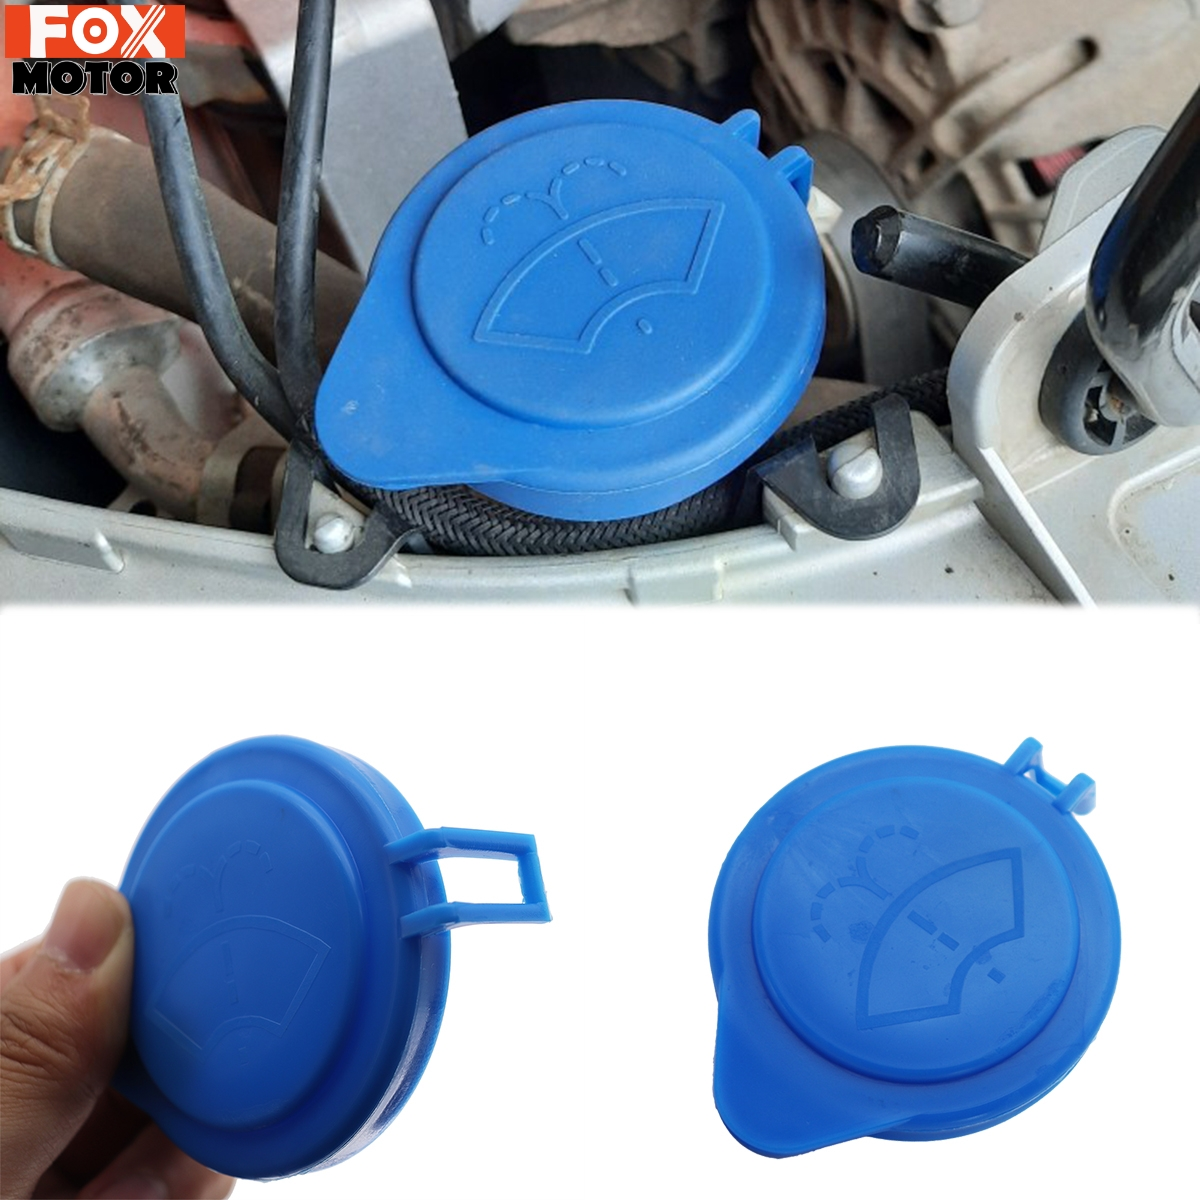 Автомобильный бачок омывателя для лобового стекла, крышка для бутылки, верхняя часть для автомобильного лобового стекла, запасная часть ...